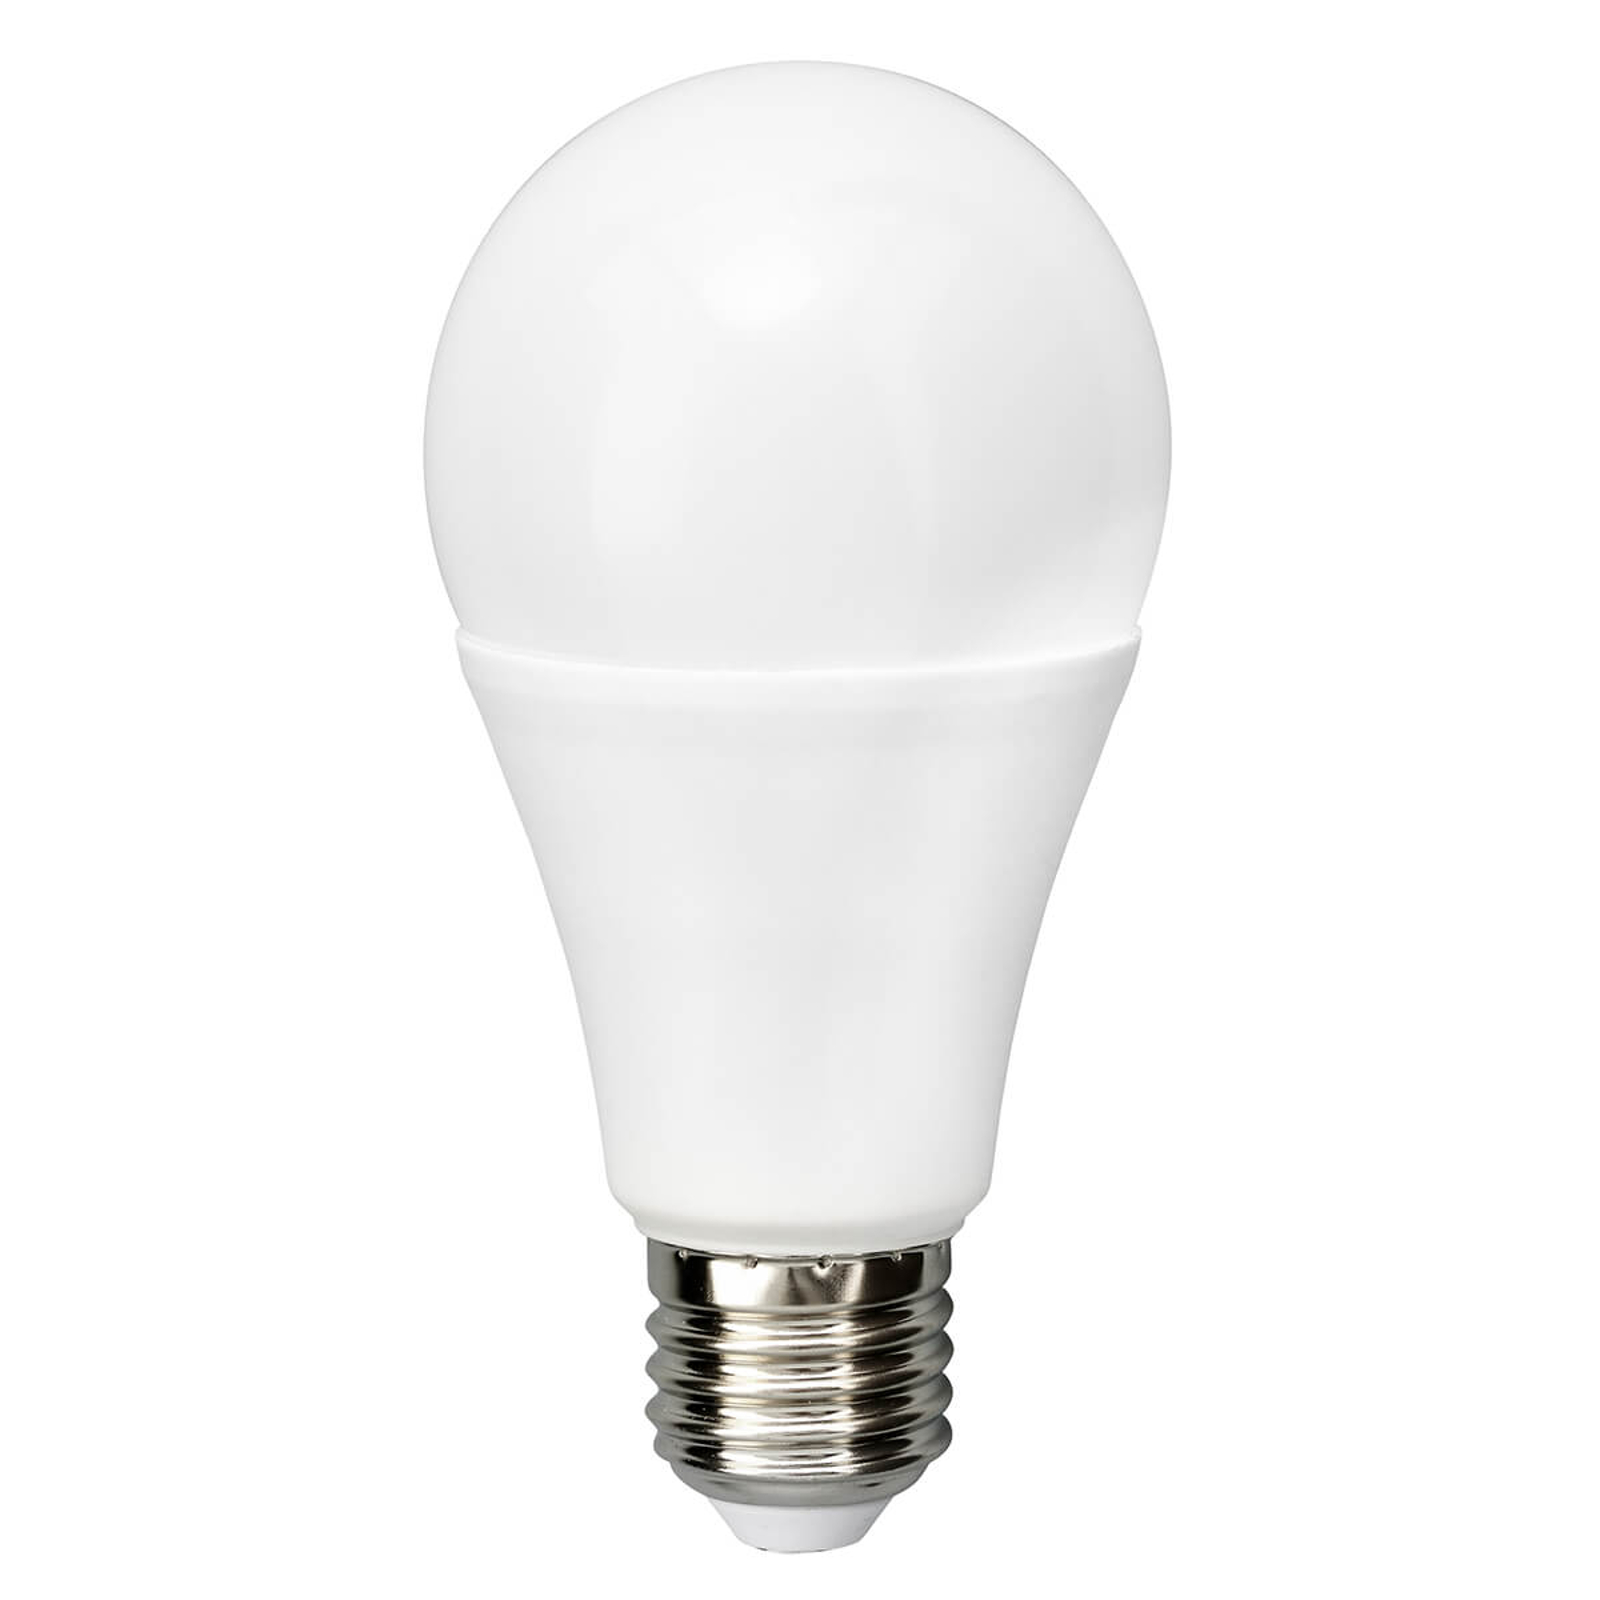 Ampoule LED mate E27 20W 827